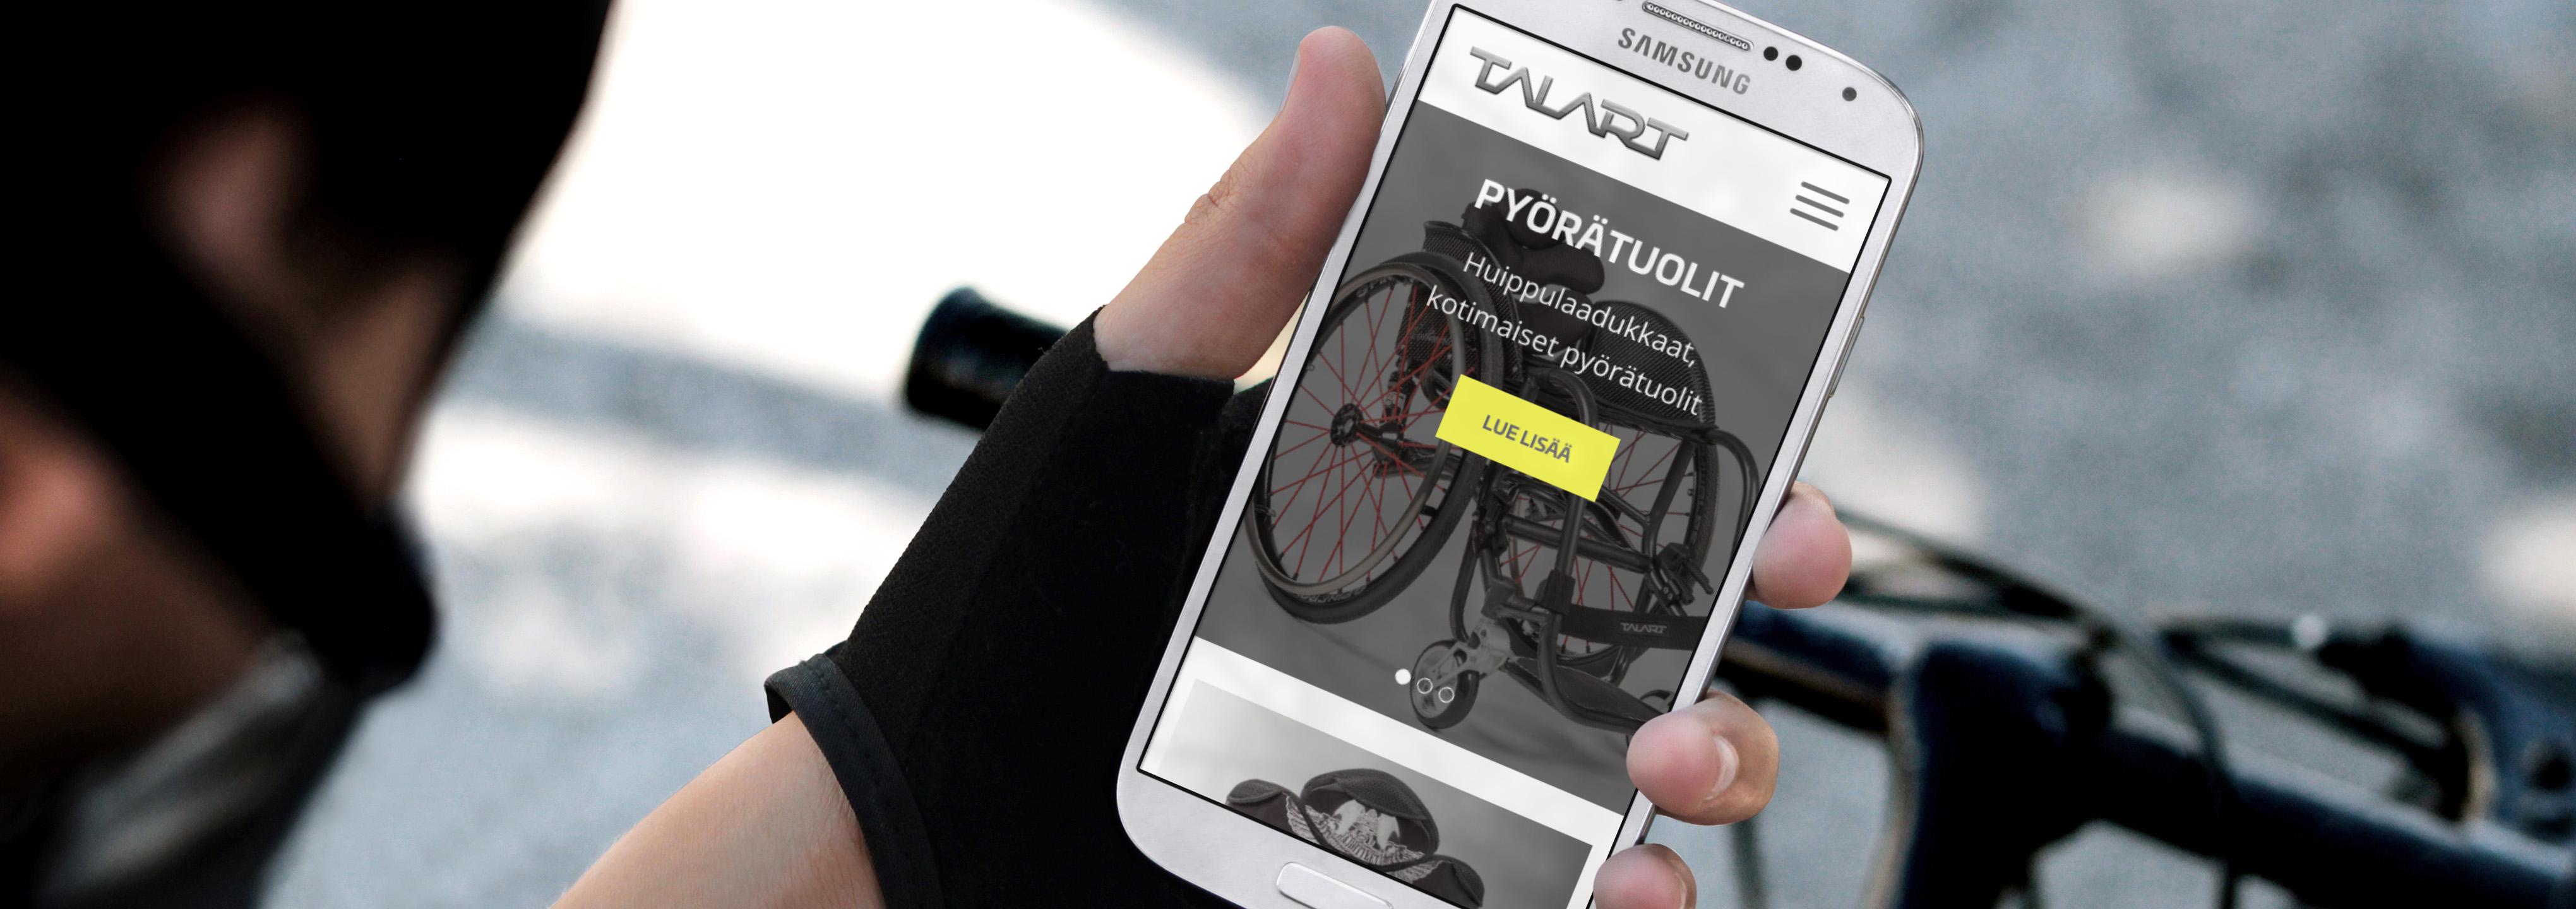 Talart.fi sivuston etusivu älypuhelimen näytöllä.